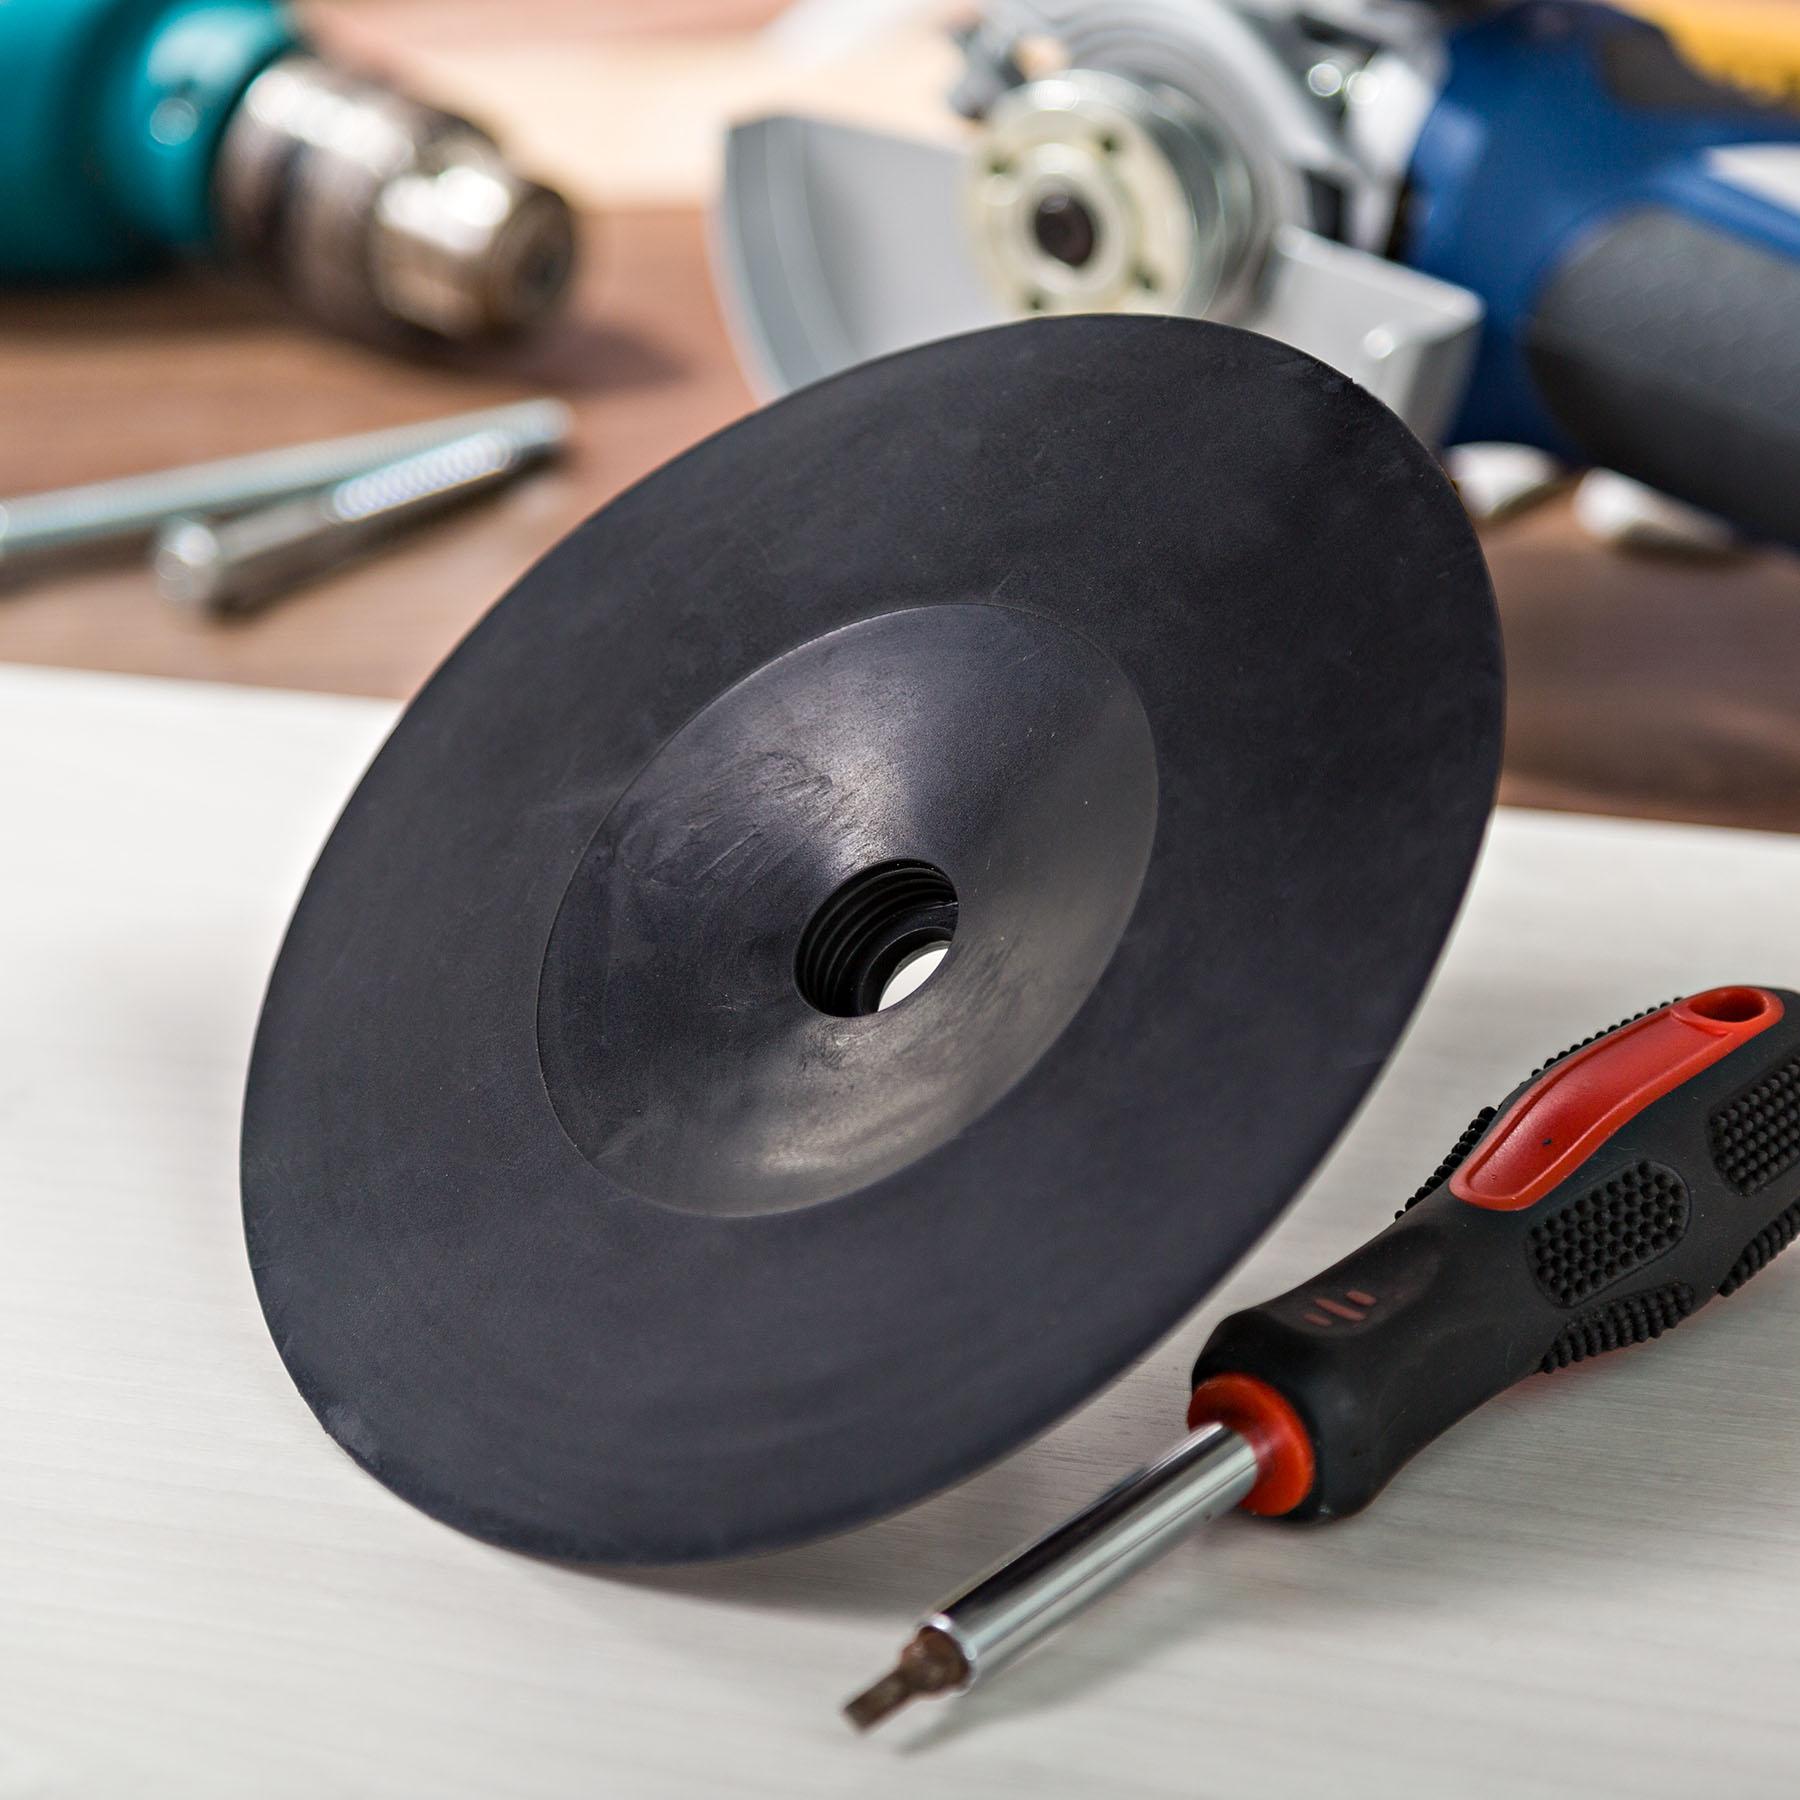 Bisagras Canape Leroy Merlin Top Compases Clsicos With Bisagras  ~ Amortiguadores Para Muebles De Cocina Leroy Merlin